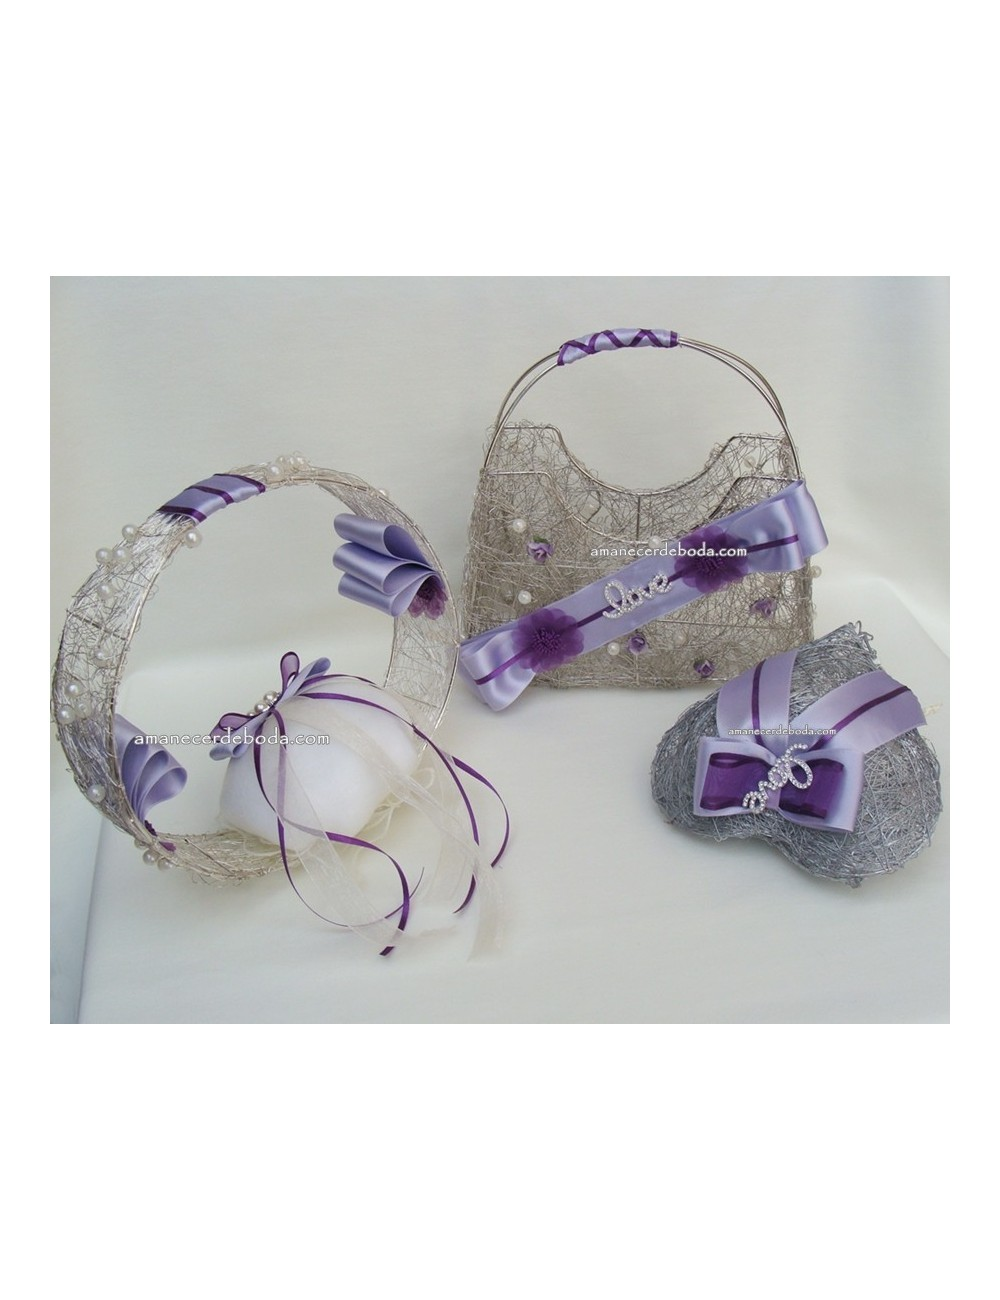 Juego anillos boda, arras y petalos